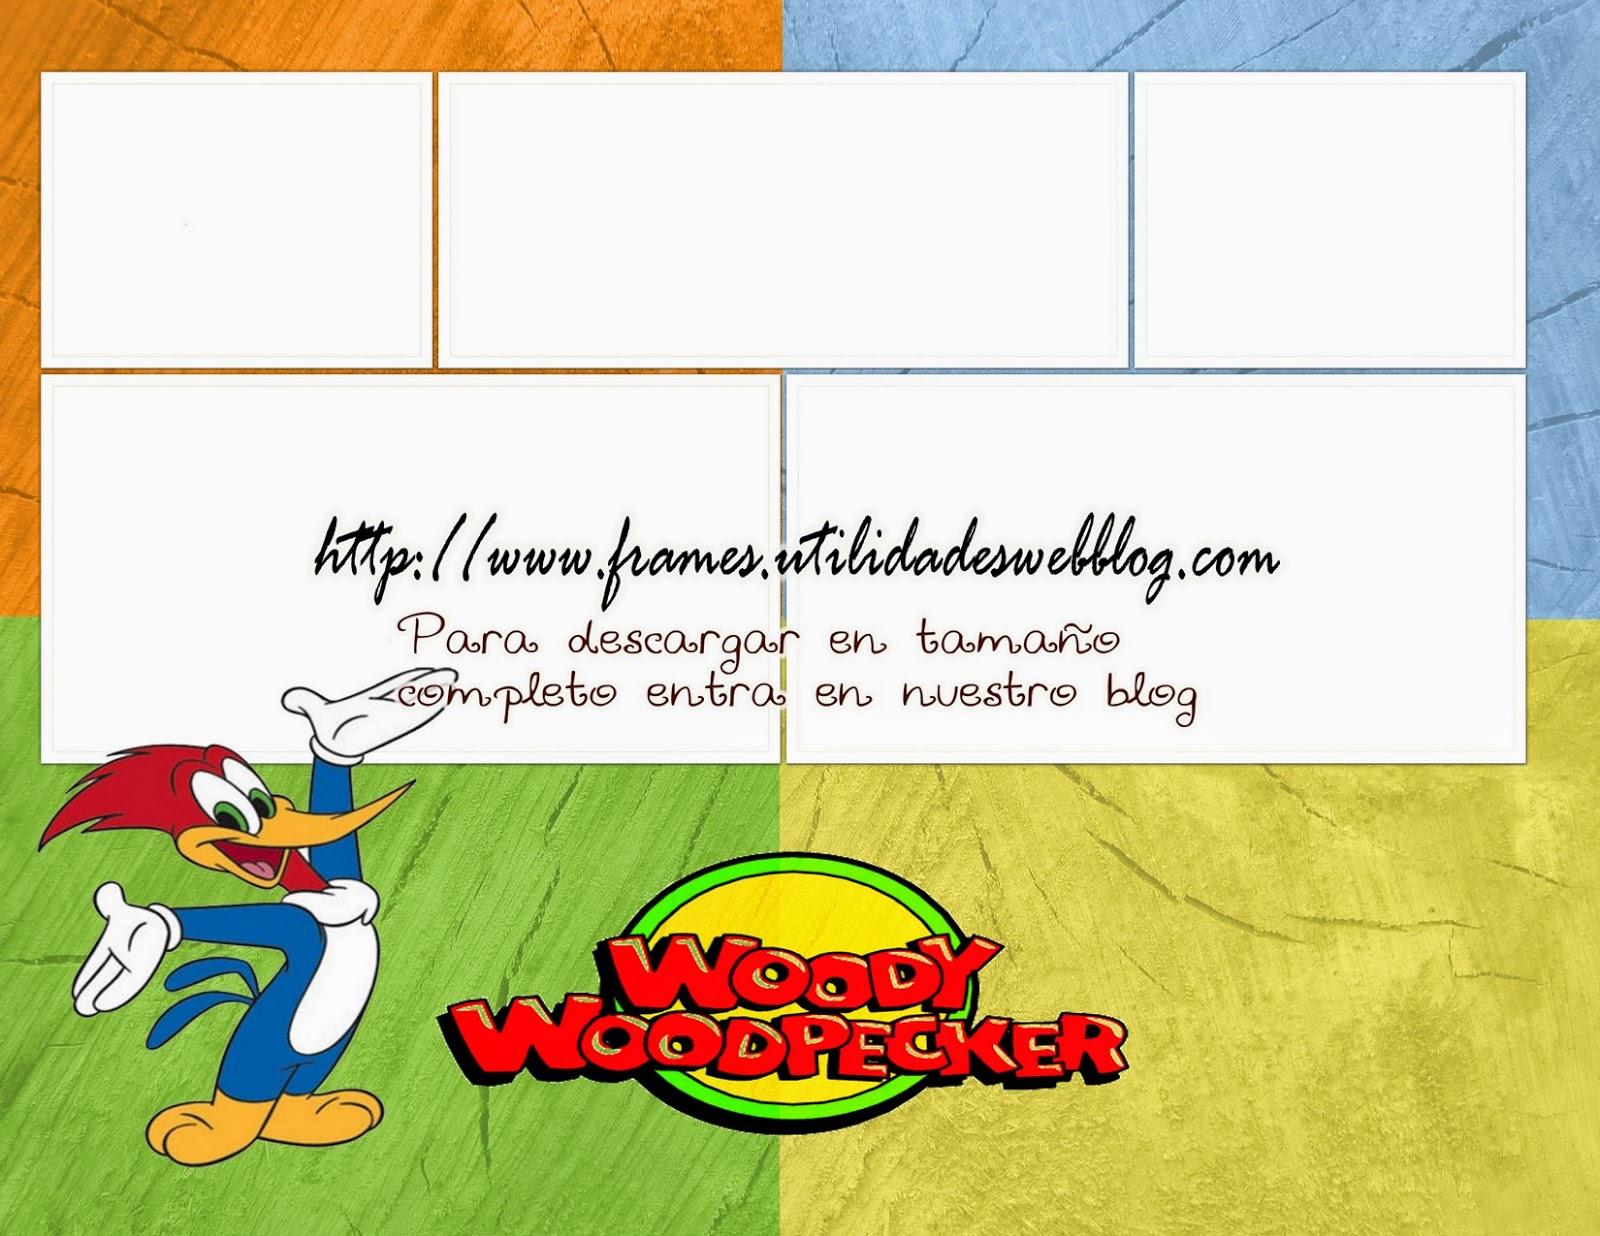 Colorido y alegre marco para 5 fotos inspirado en el Pájaro Loco